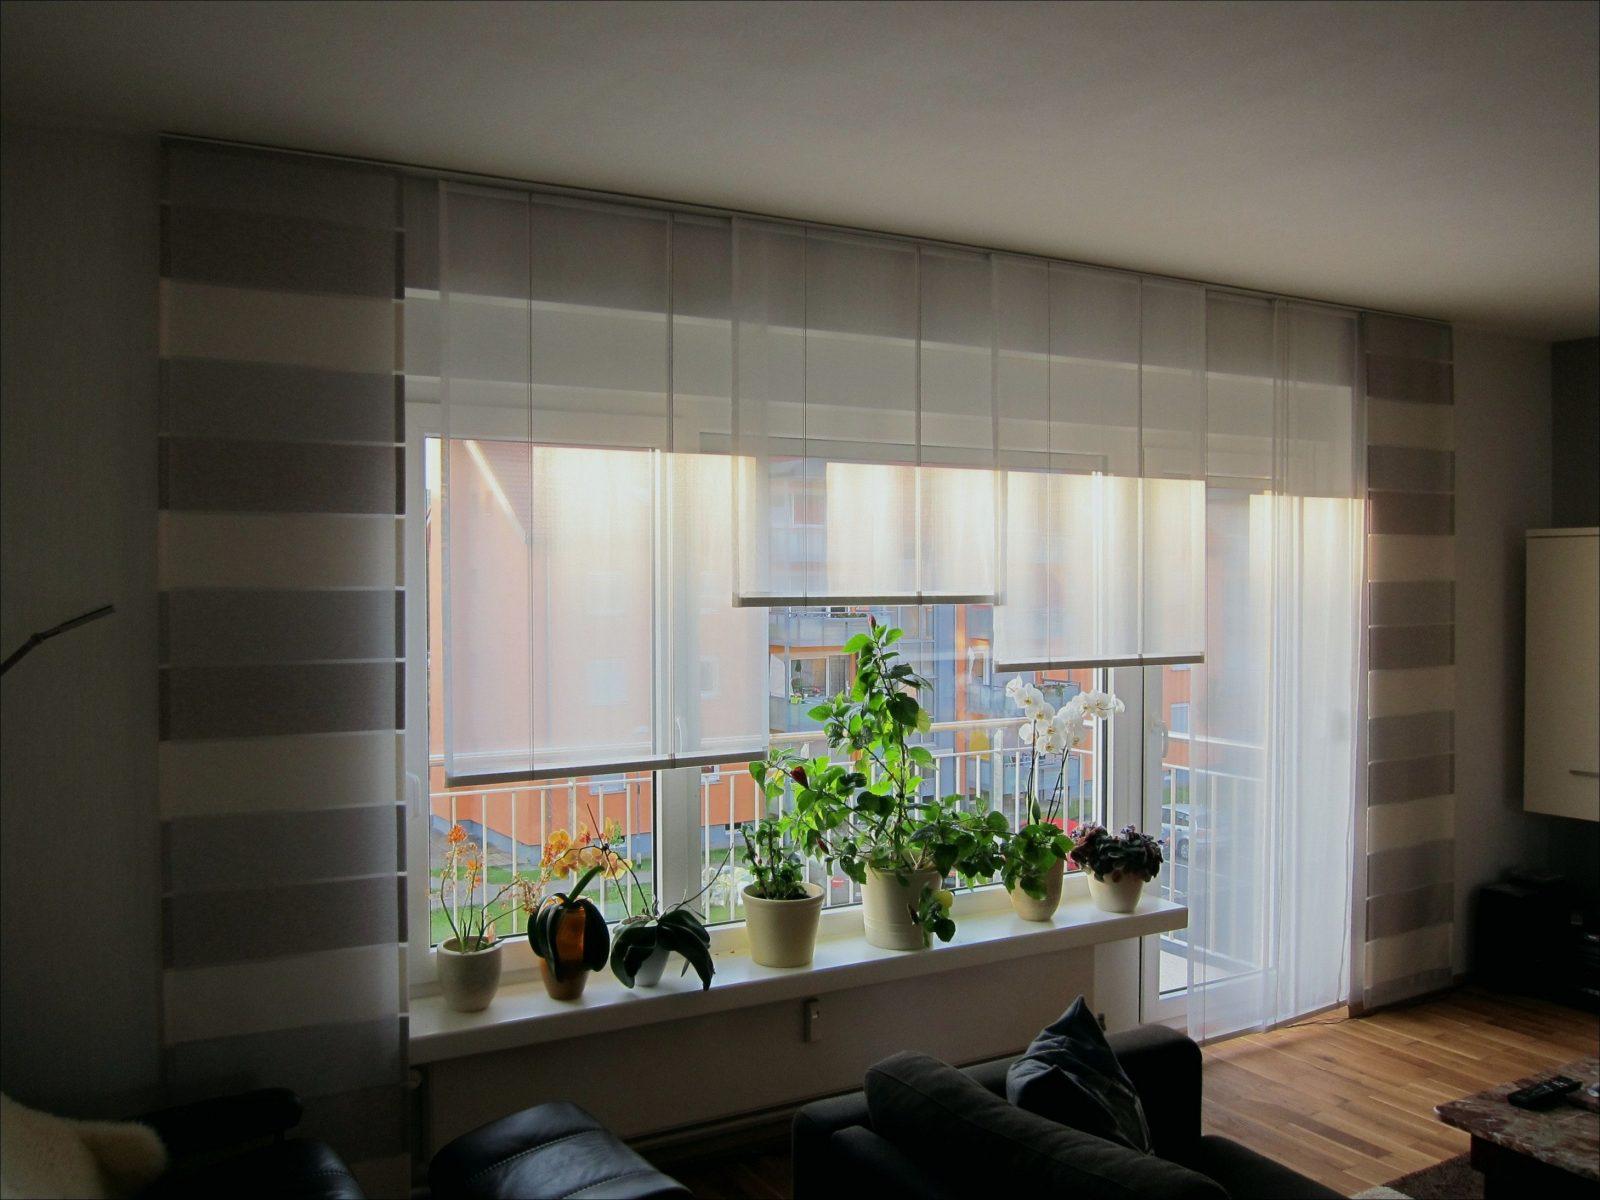 Gardinen Für Großes Fenster Mit Balkontür Großartig Und Fabelhaft von Gardinen Für Großes Fenster Mit Balkontür Bild